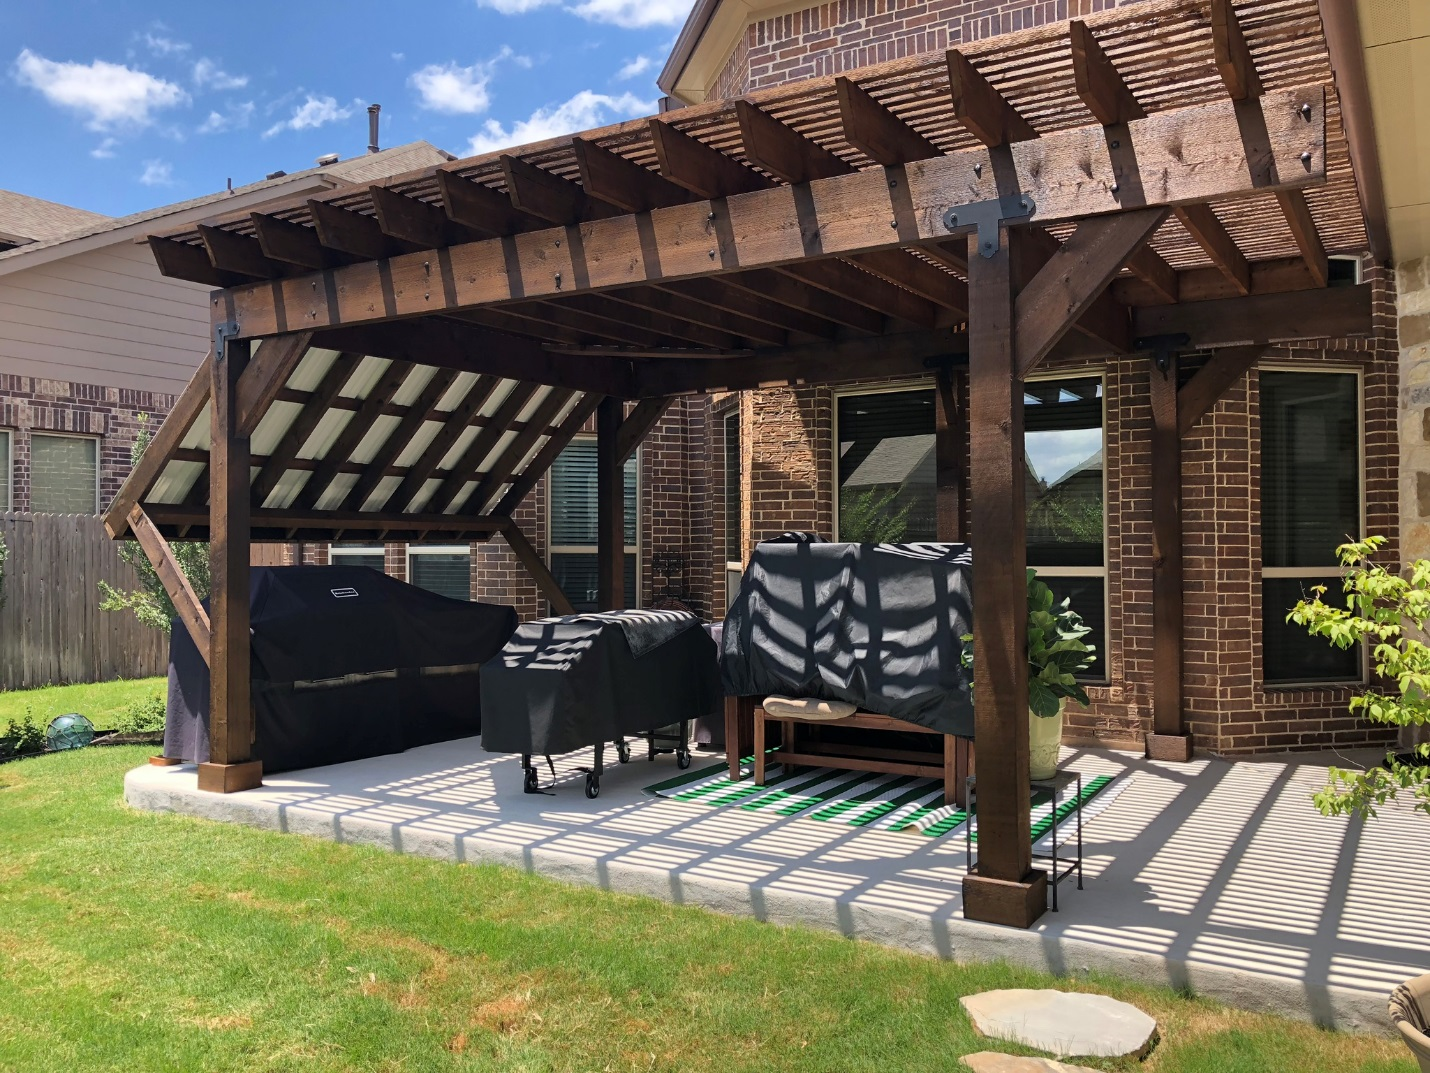 A-grand-backyard-means-grand-outdoor-living-enjoyment